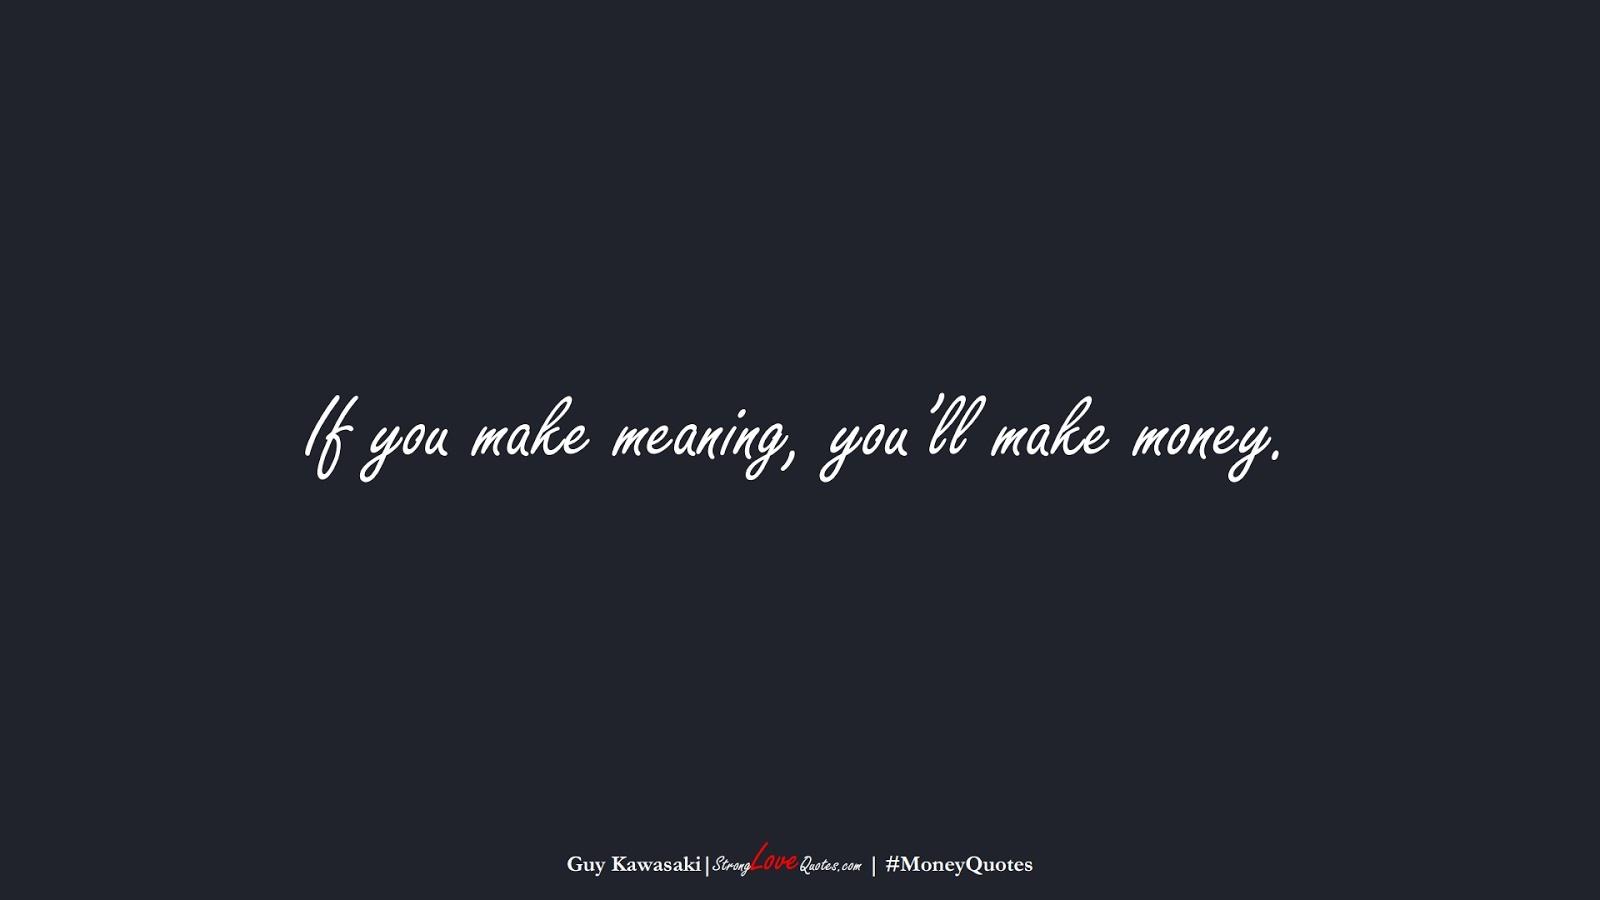 If you make meaning, you'll make money. (Guy Kawasaki);  #MoneyQuotes